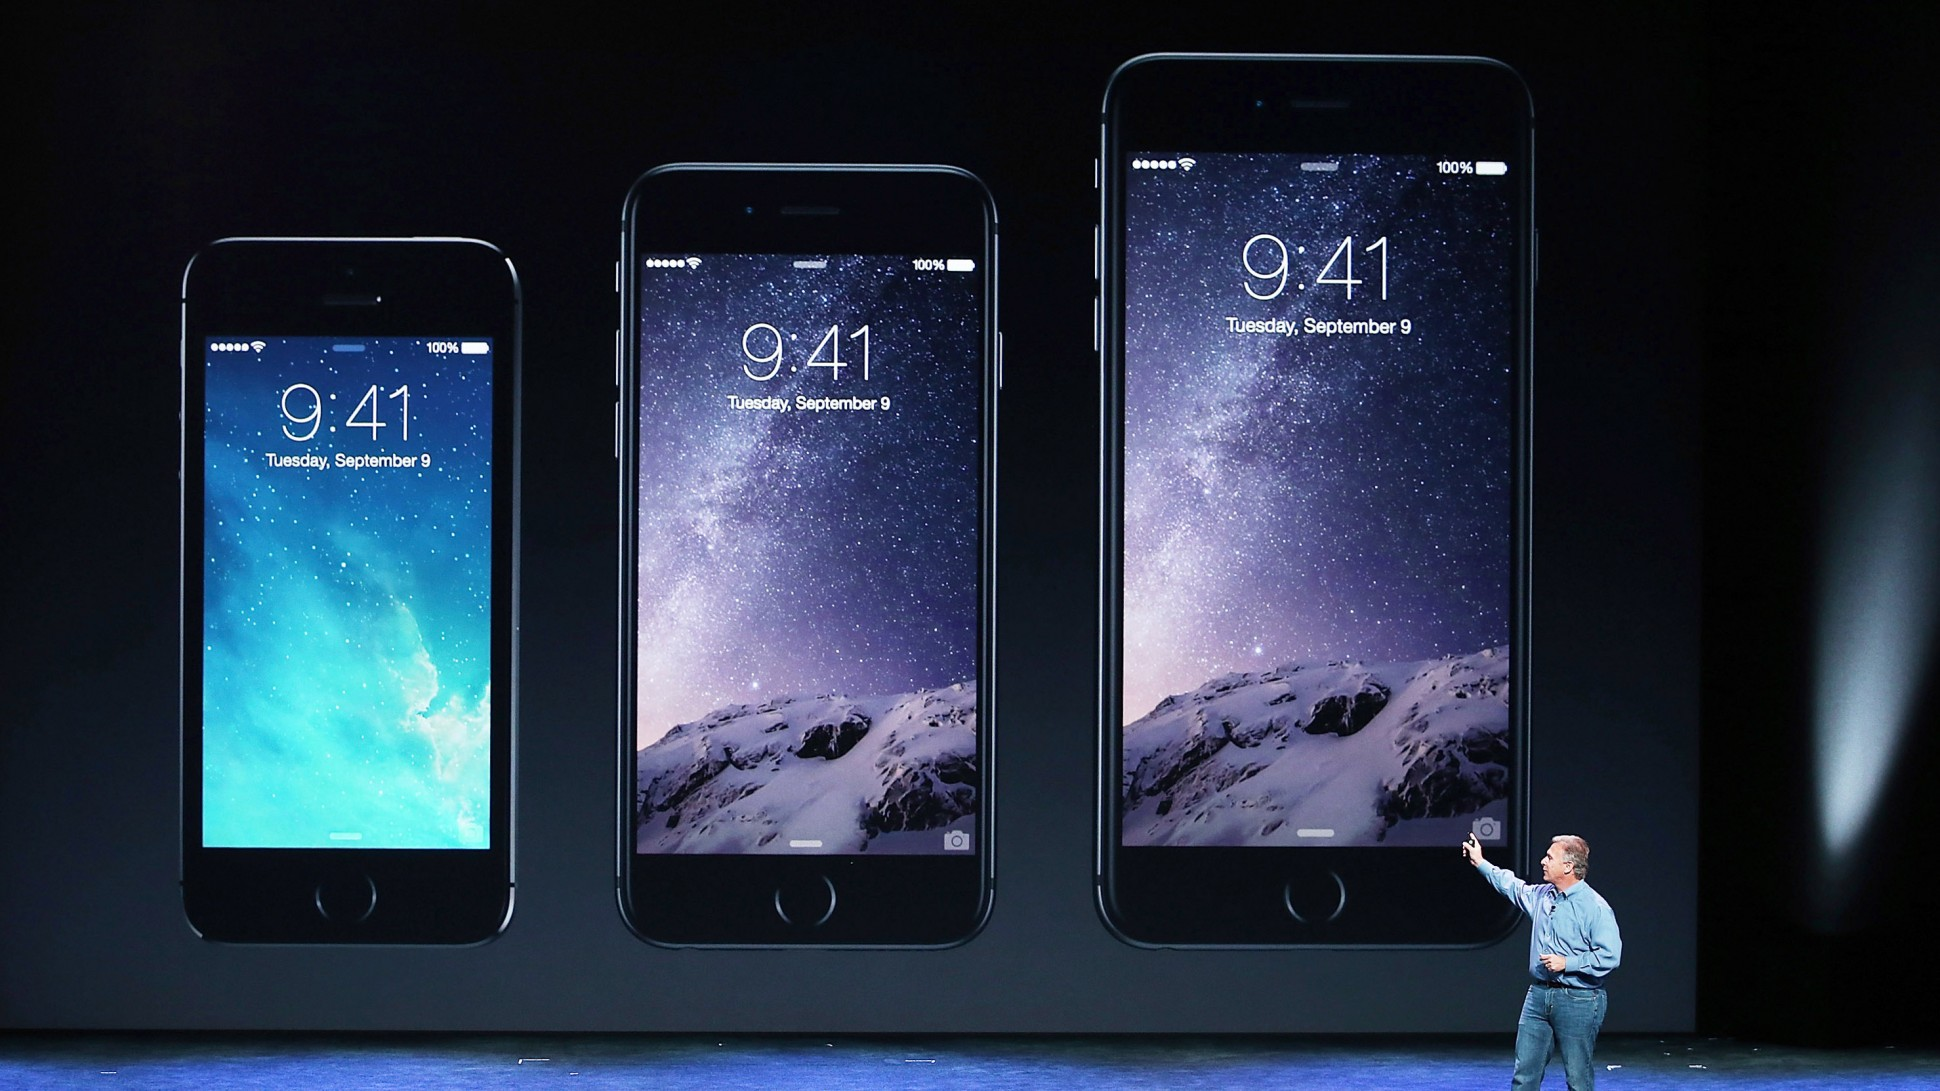 एप्पलको दुई नयाँ स्मार्टफोन र पहिलो स्मार्टवाच सार्वजनिक